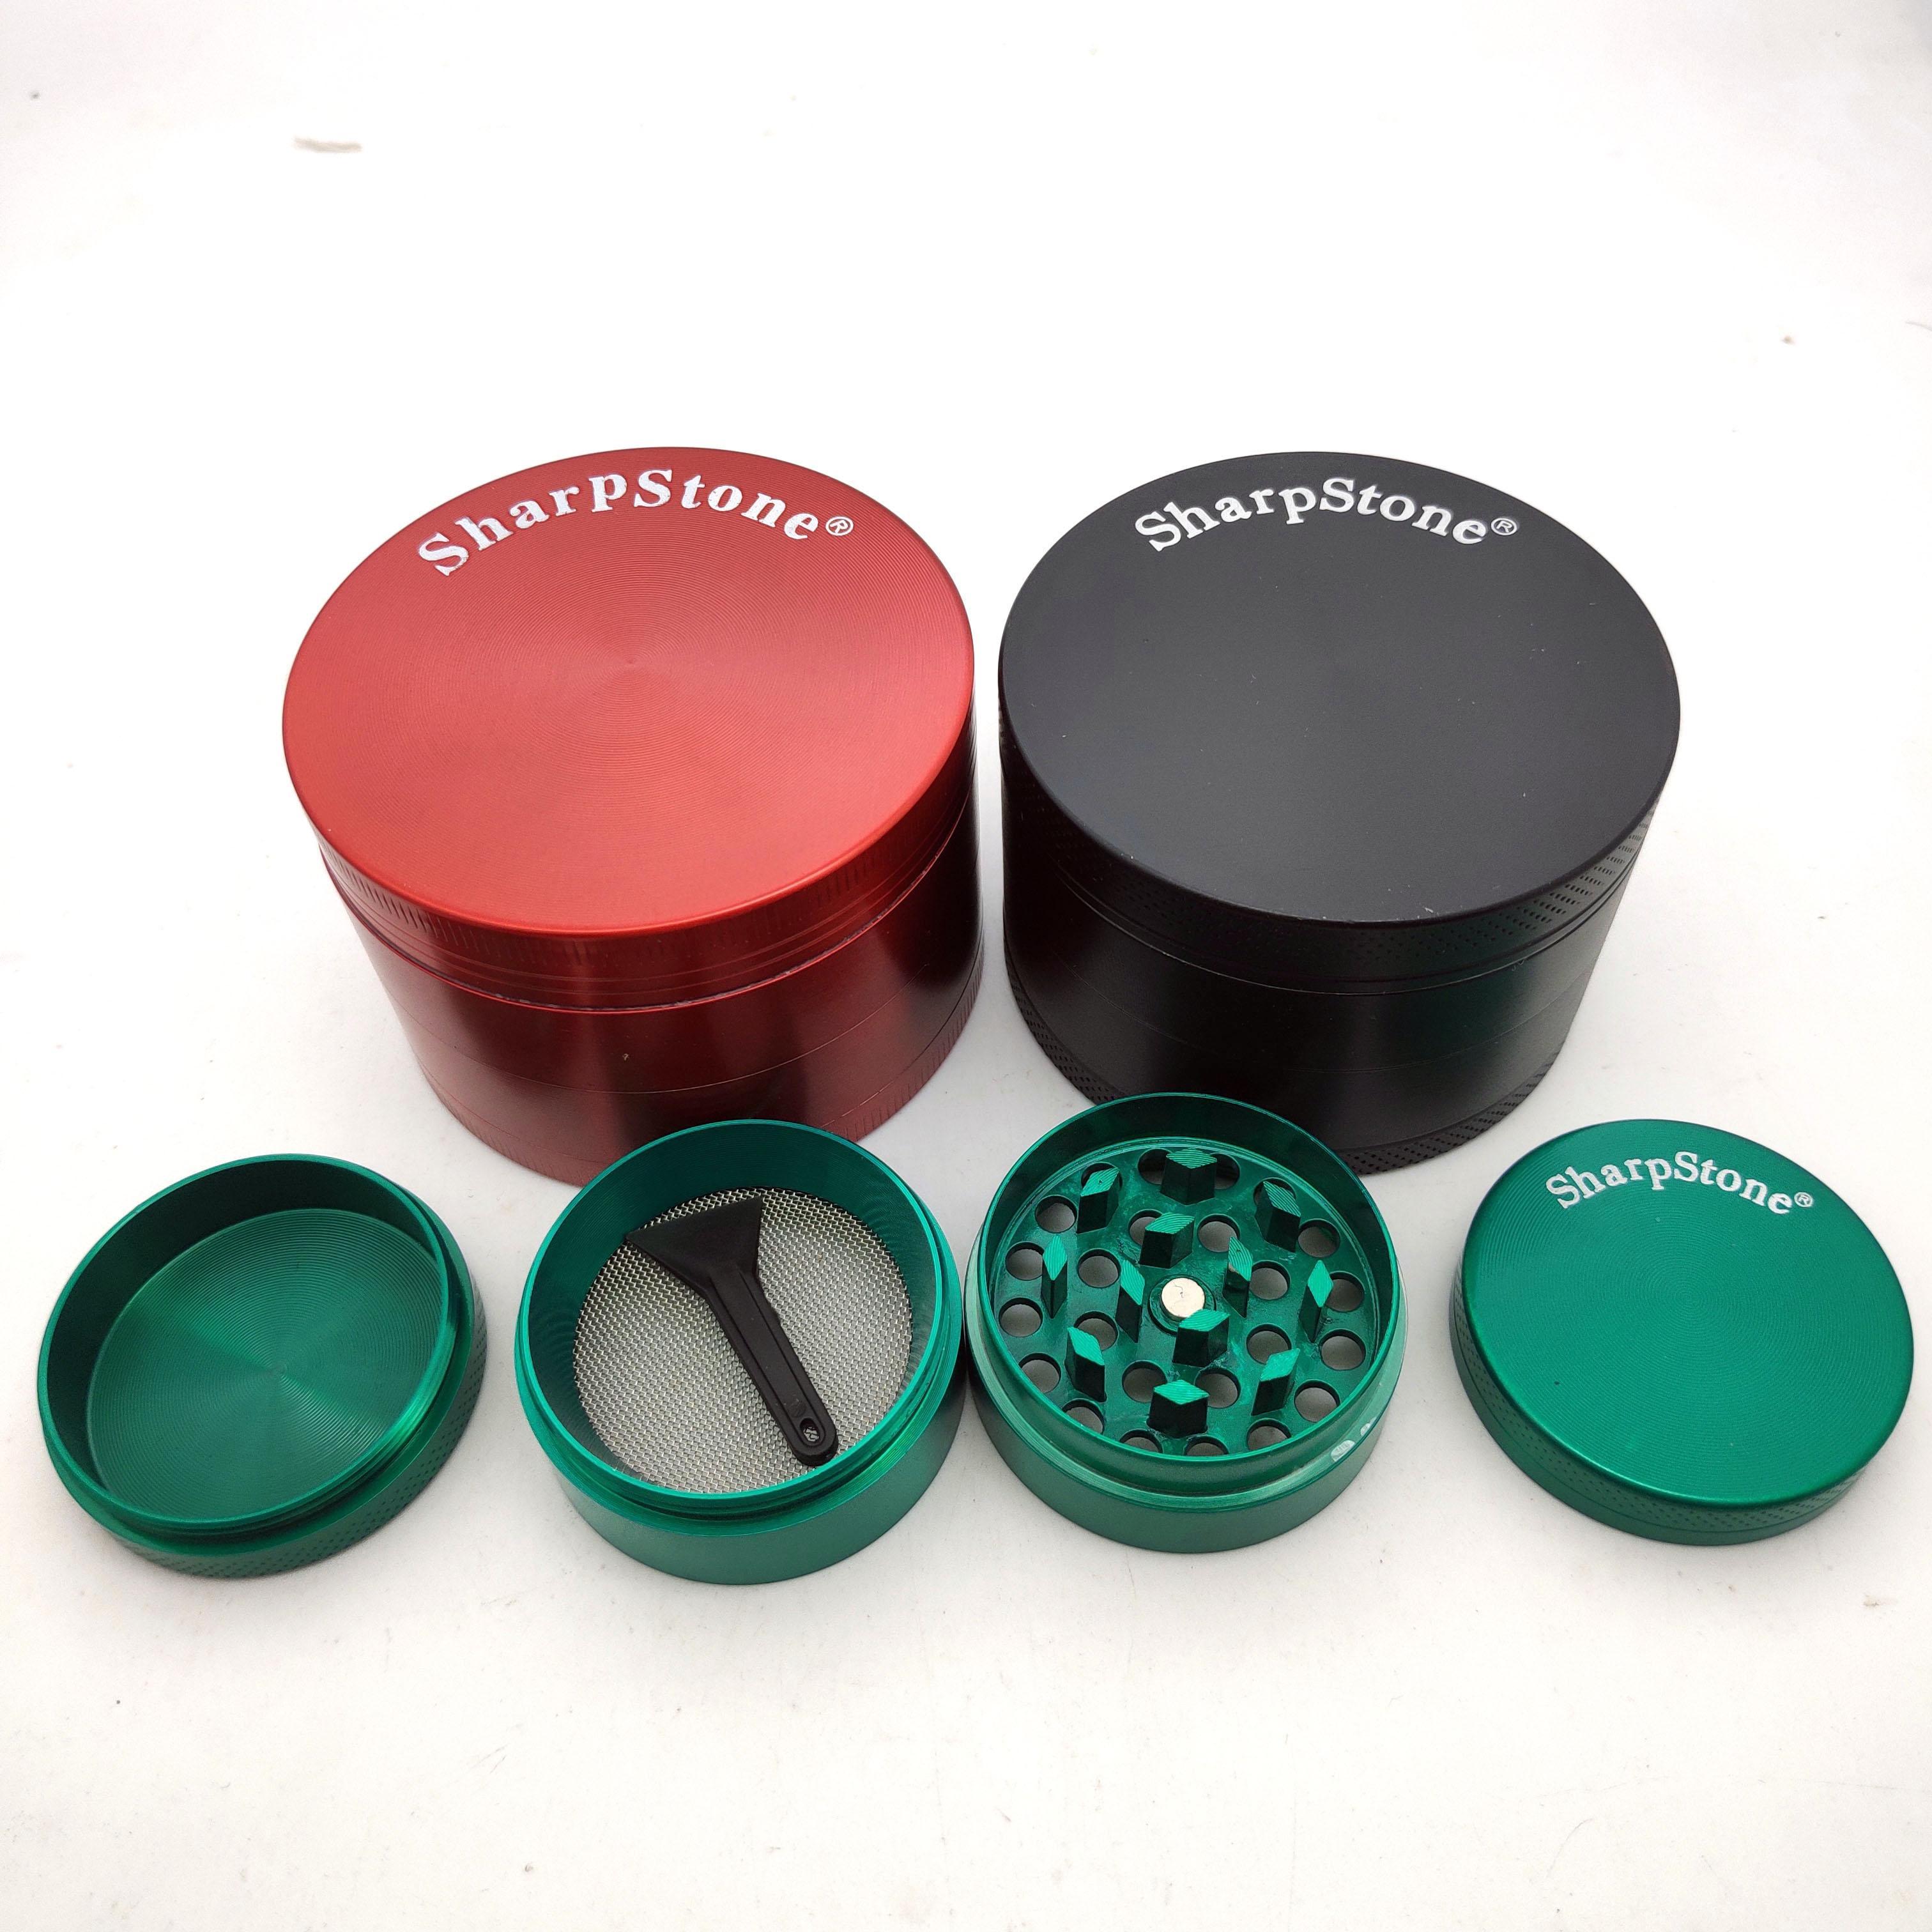 Sharpstone Herb Grinder di metallo in lega di zinco Tabacco erbe Grinders 4 strati 63 millimetri diametro per fumare 20pcs DHL libero